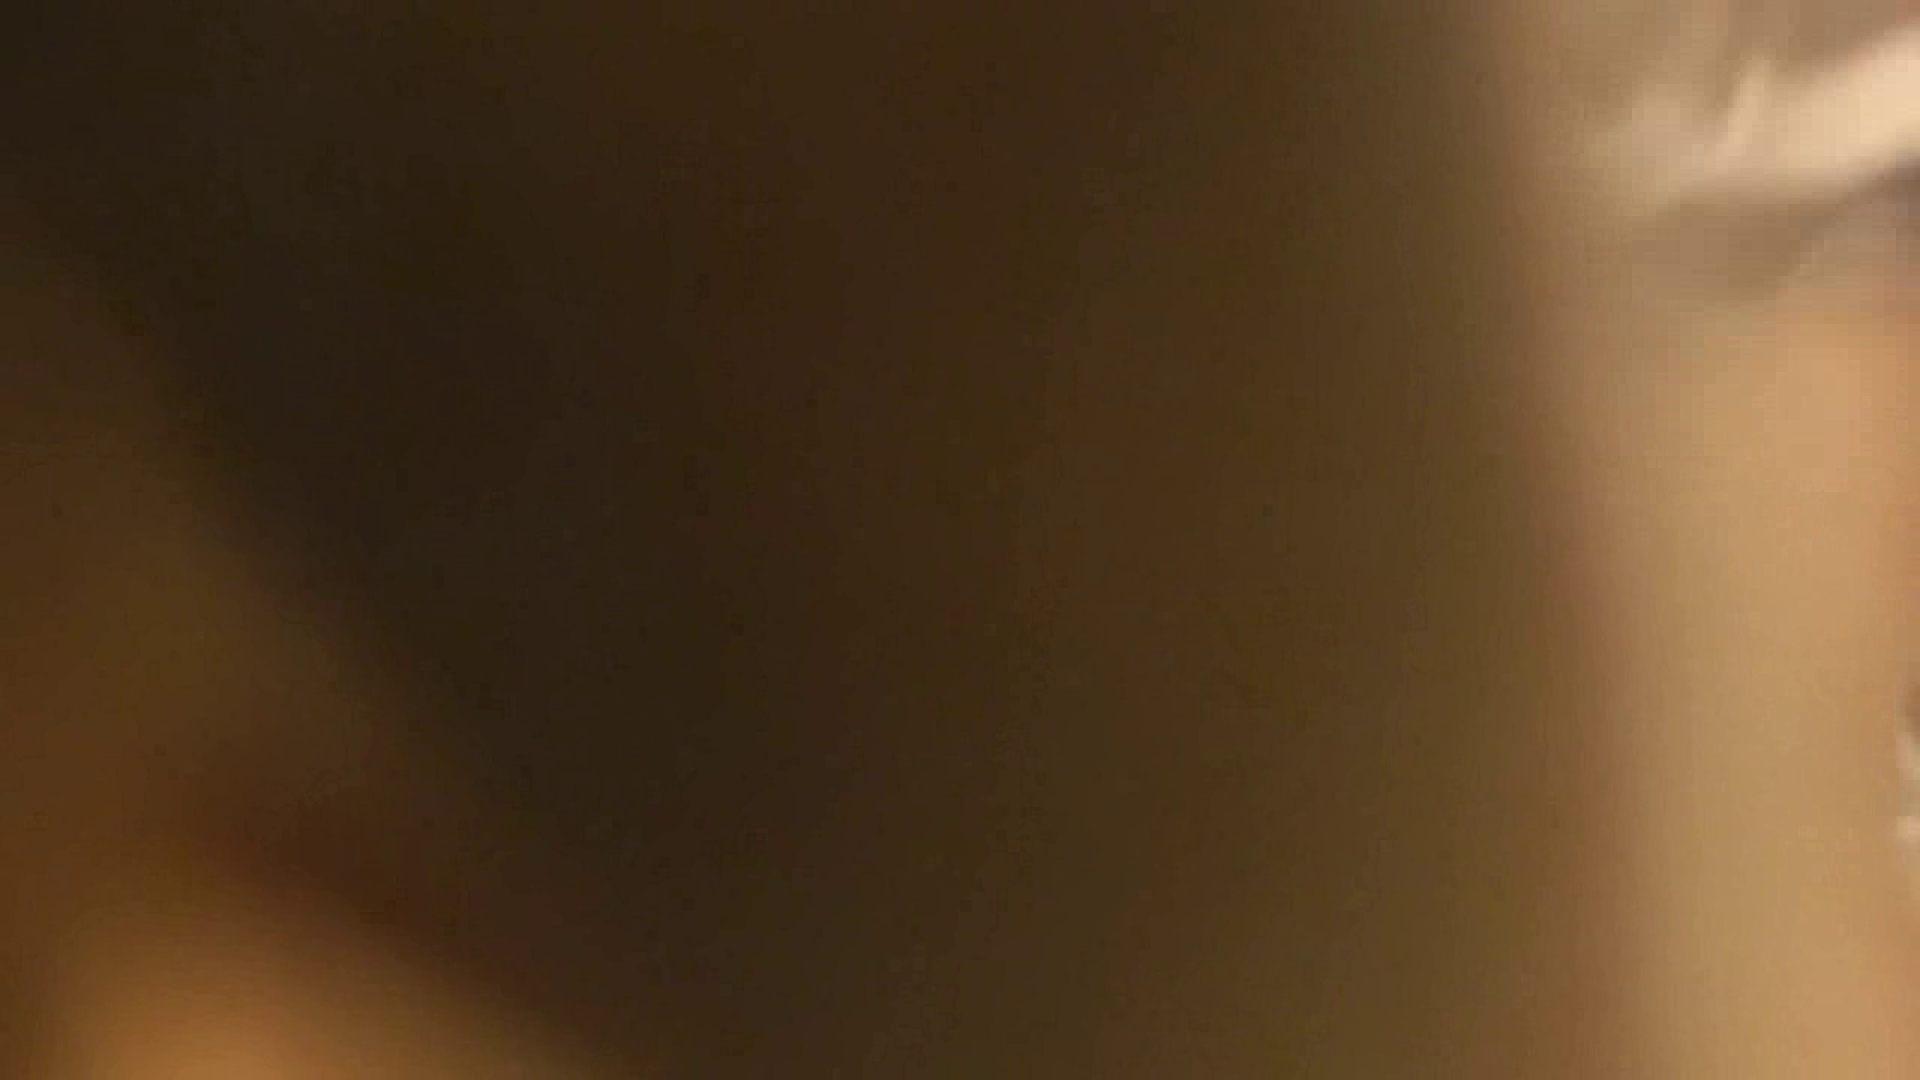 vol.1 Mayumi 窓越しに入浴シーン撮影に成功 いやらしいOL | 0  60連発 37